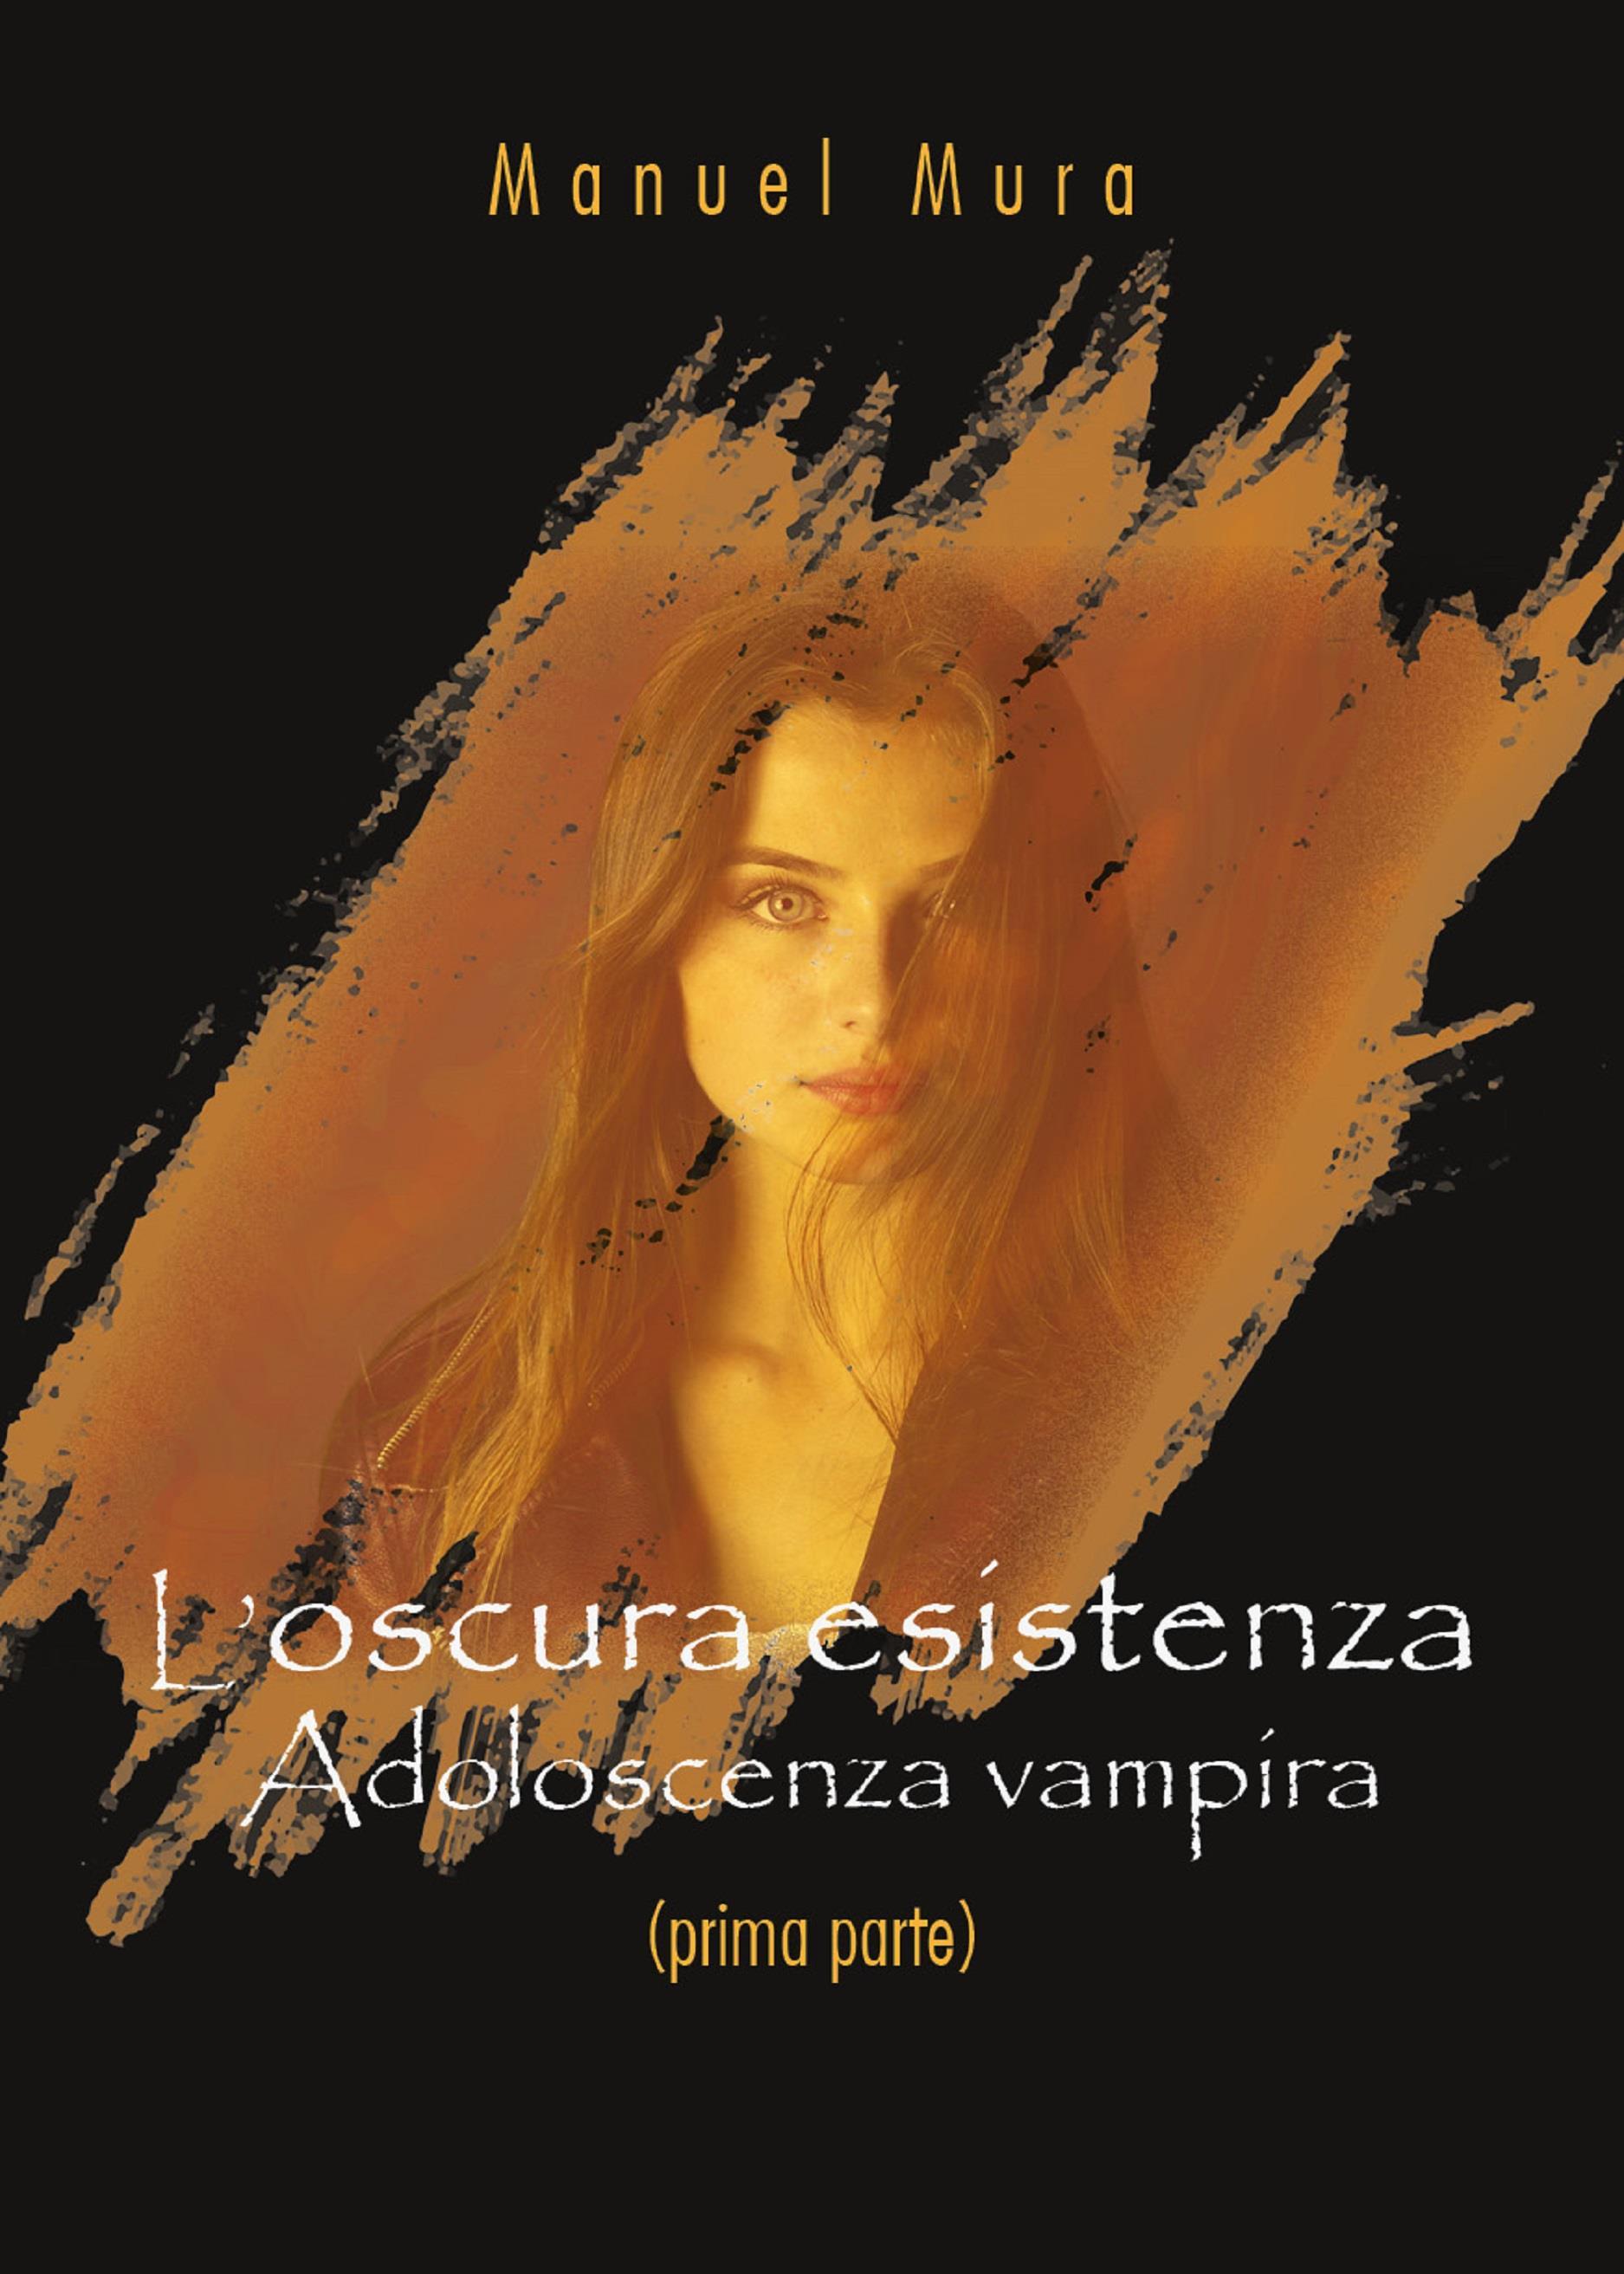 L'oscura esistenza - Adolescenza vampira (prima parte)